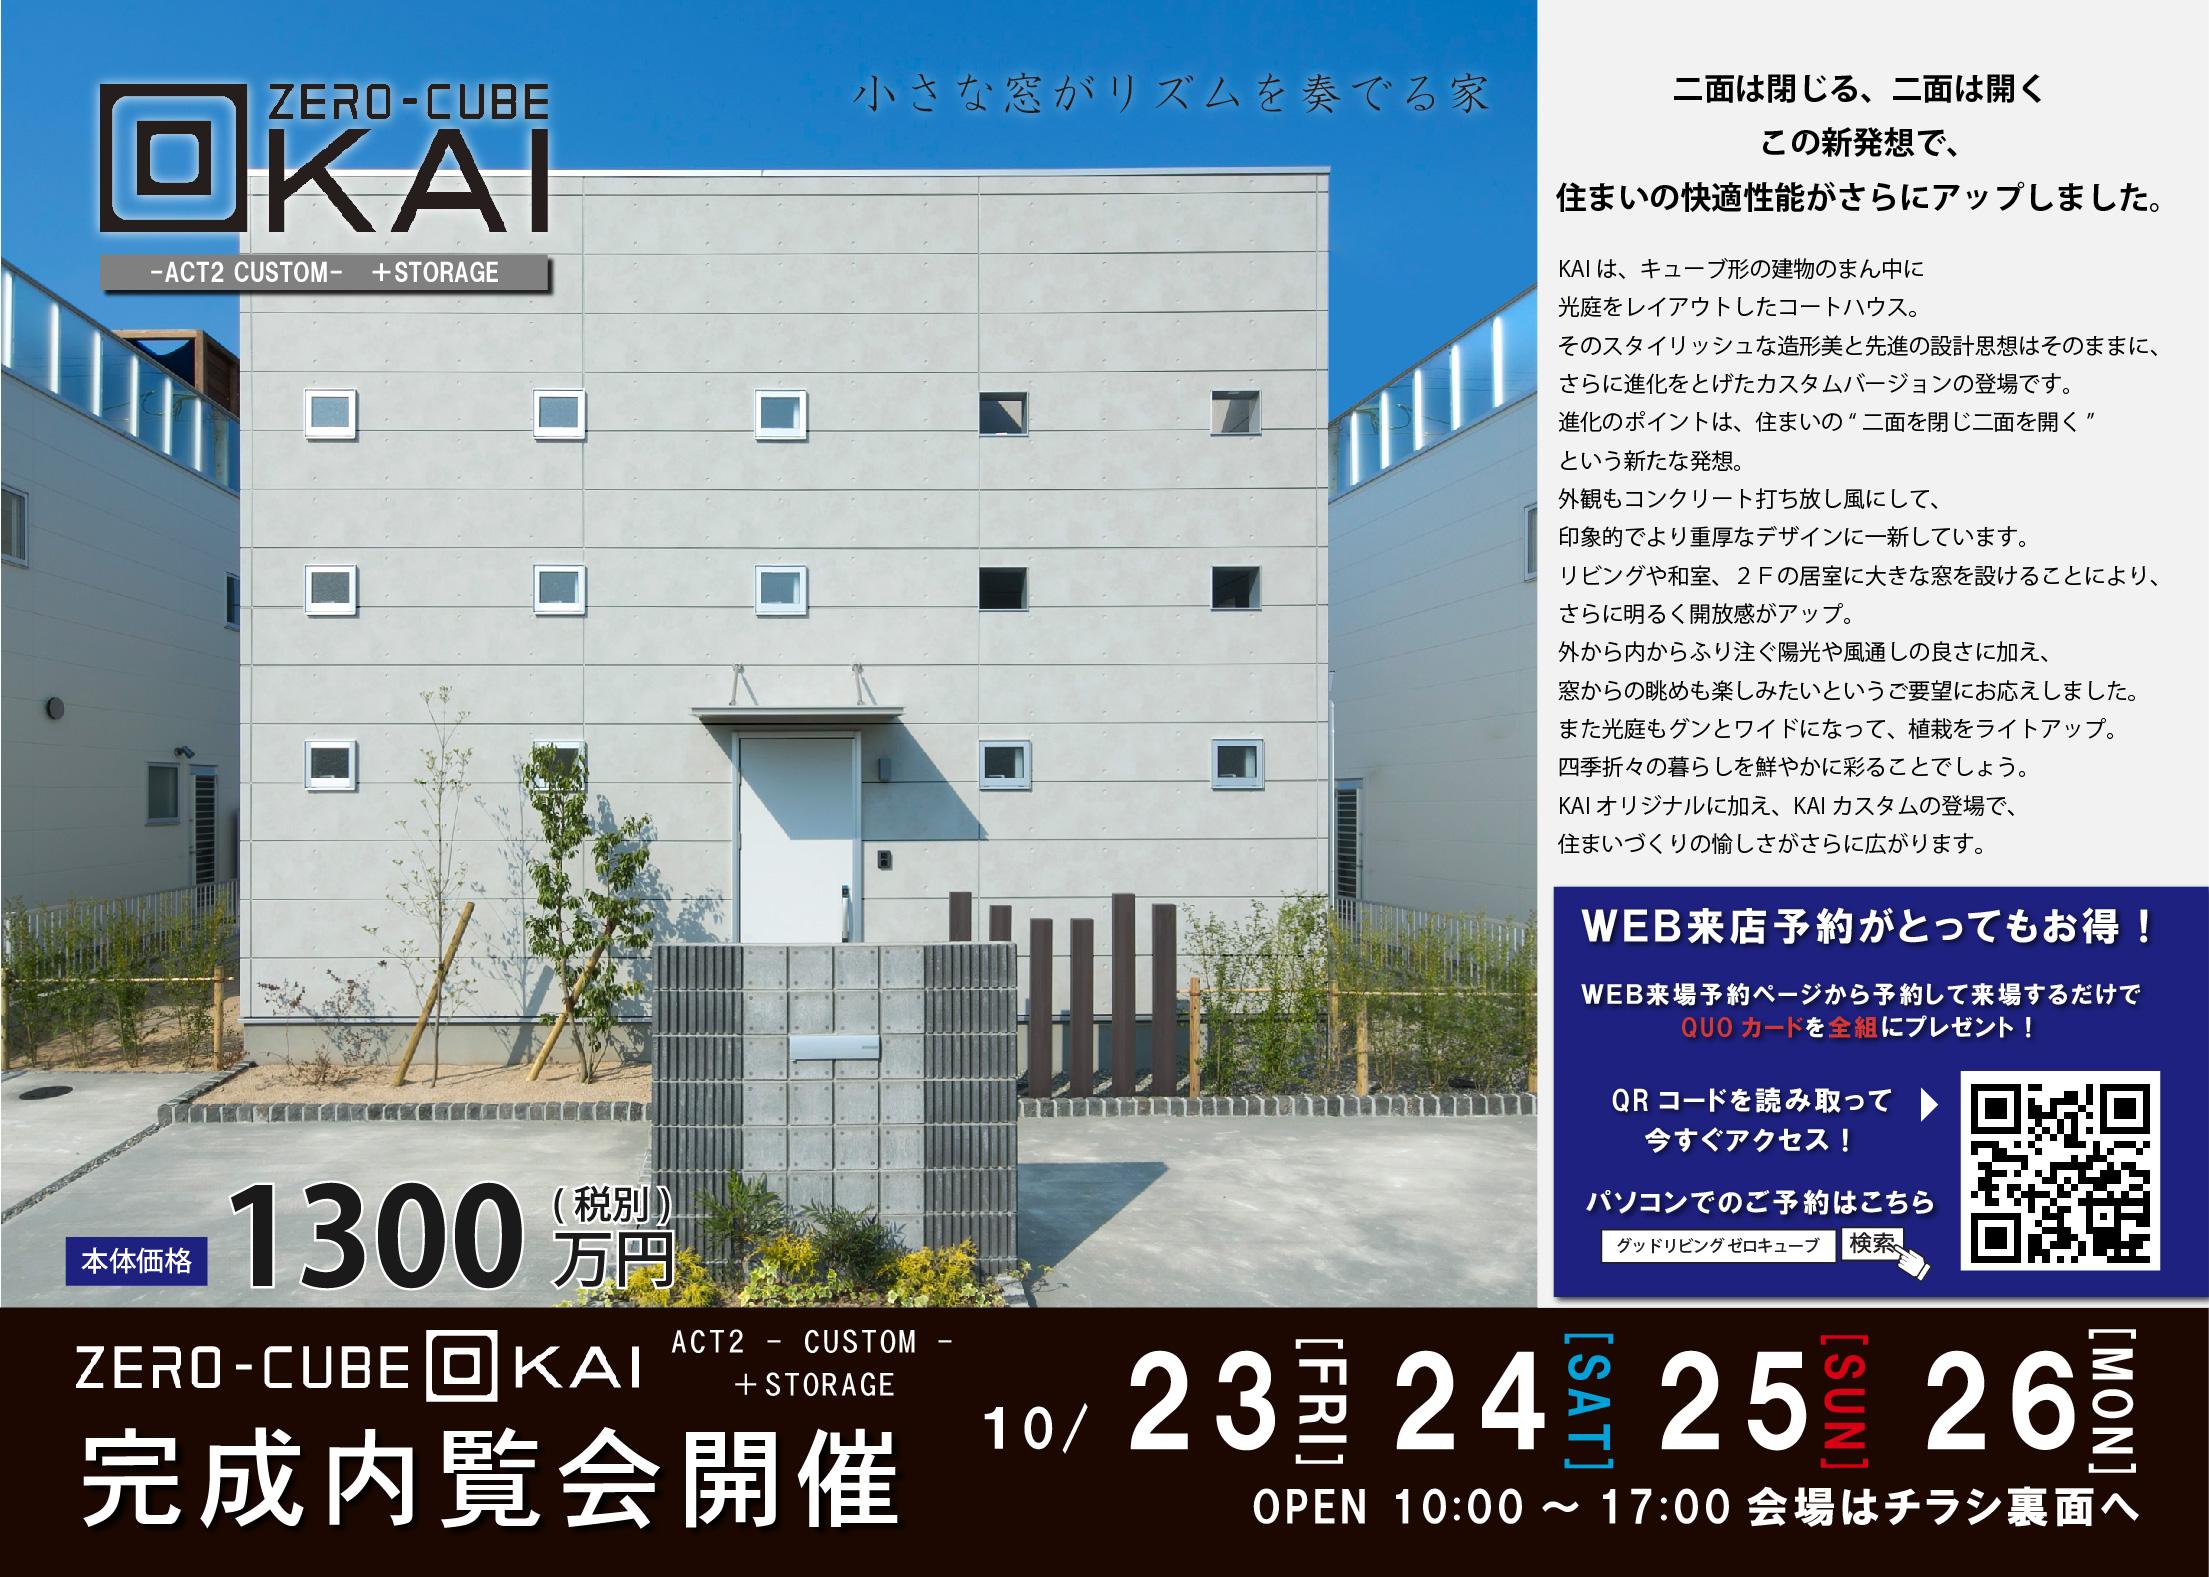 151023_西尾市平坂町完成見学会-01.jpg